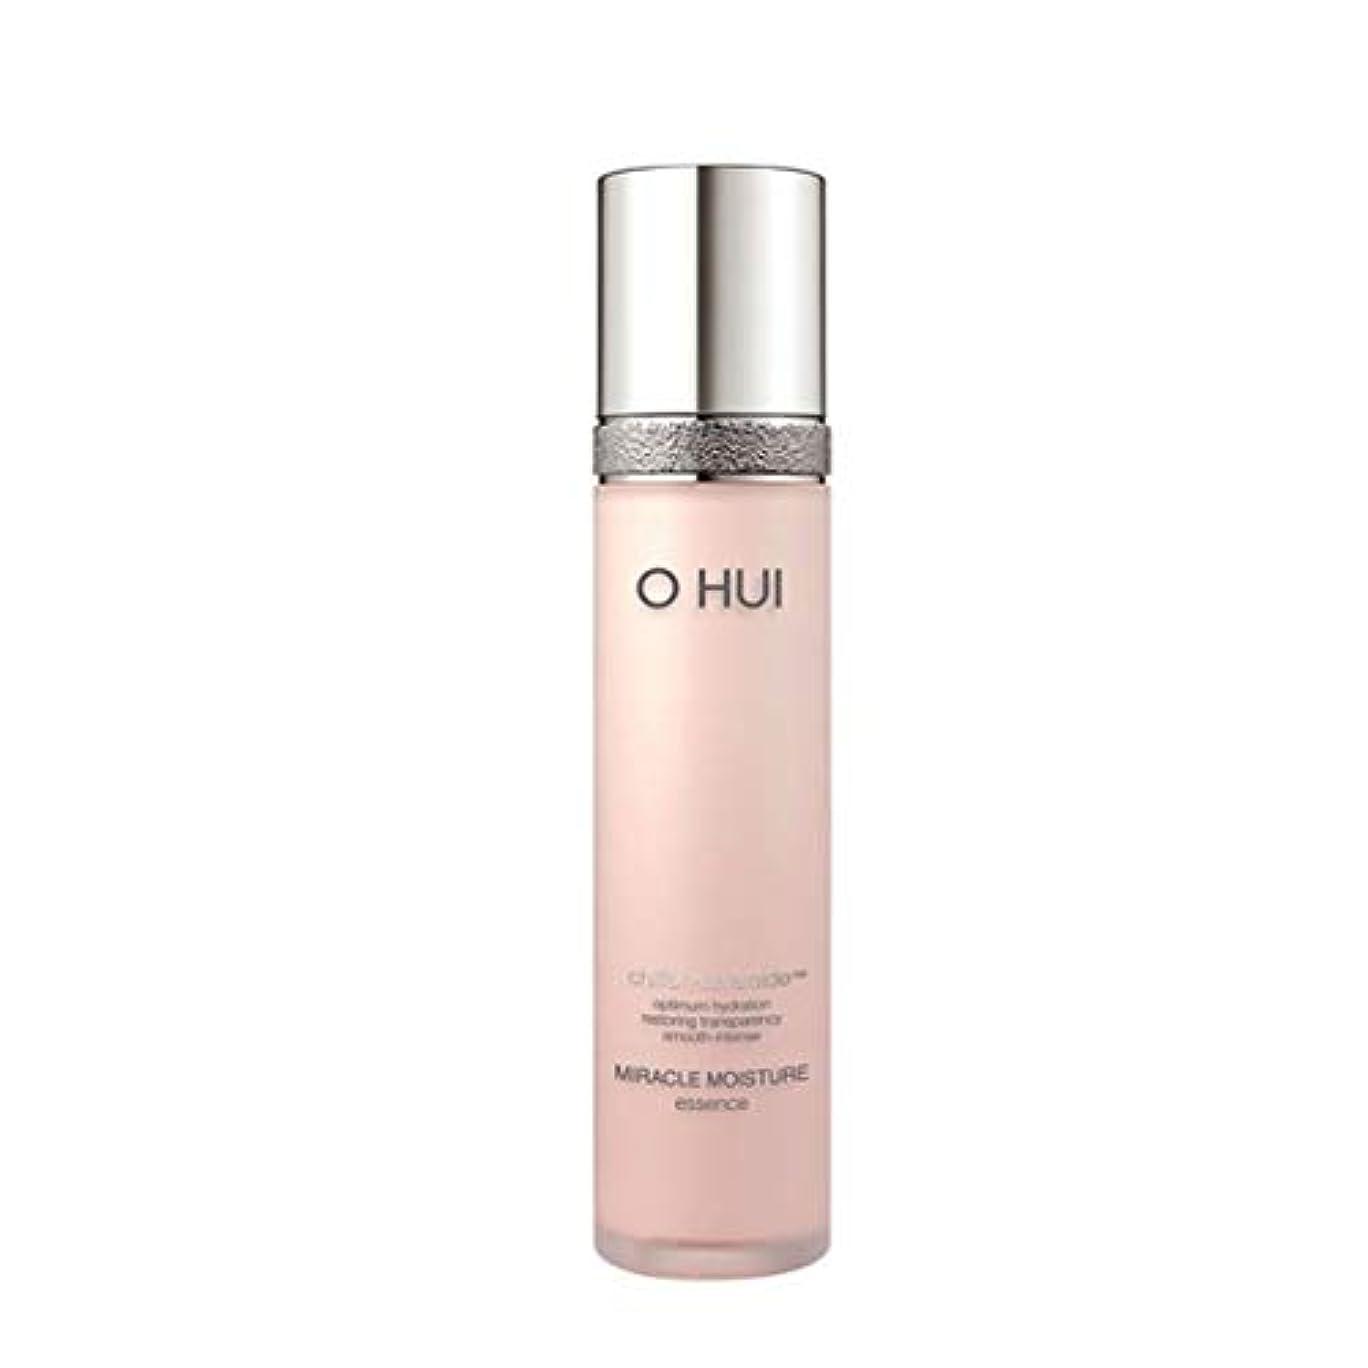 ギャザー経由で光のオフィミラクルモイスチャーエッセンス45ml韓国コスメ、O Hui Miracle Moisture Essence 45ml Korean Cosmetics [並行輸入品]